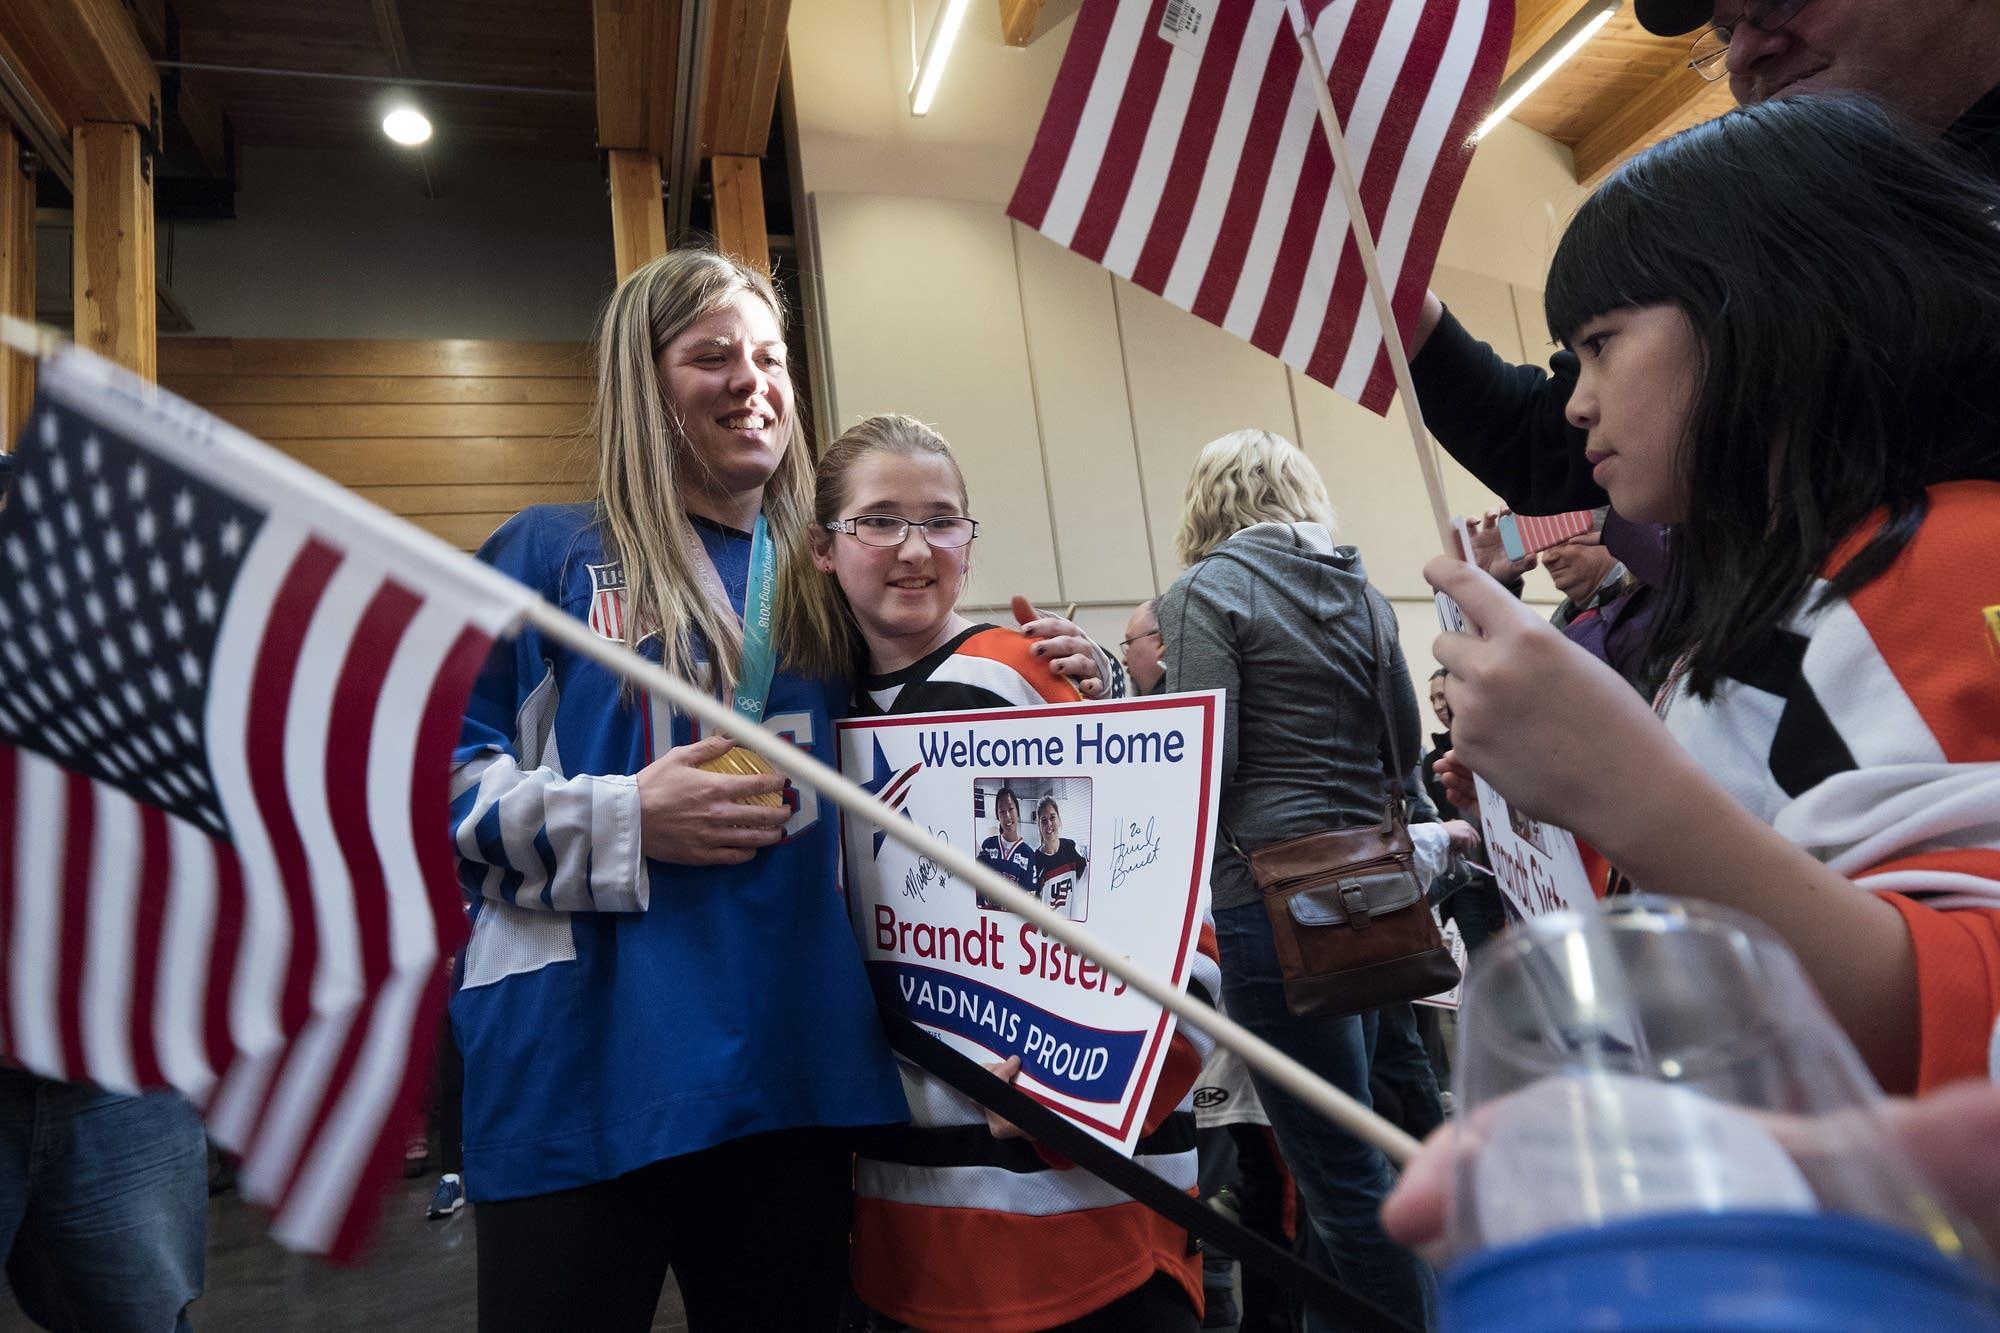 Hannah Brandt hugs a fan.